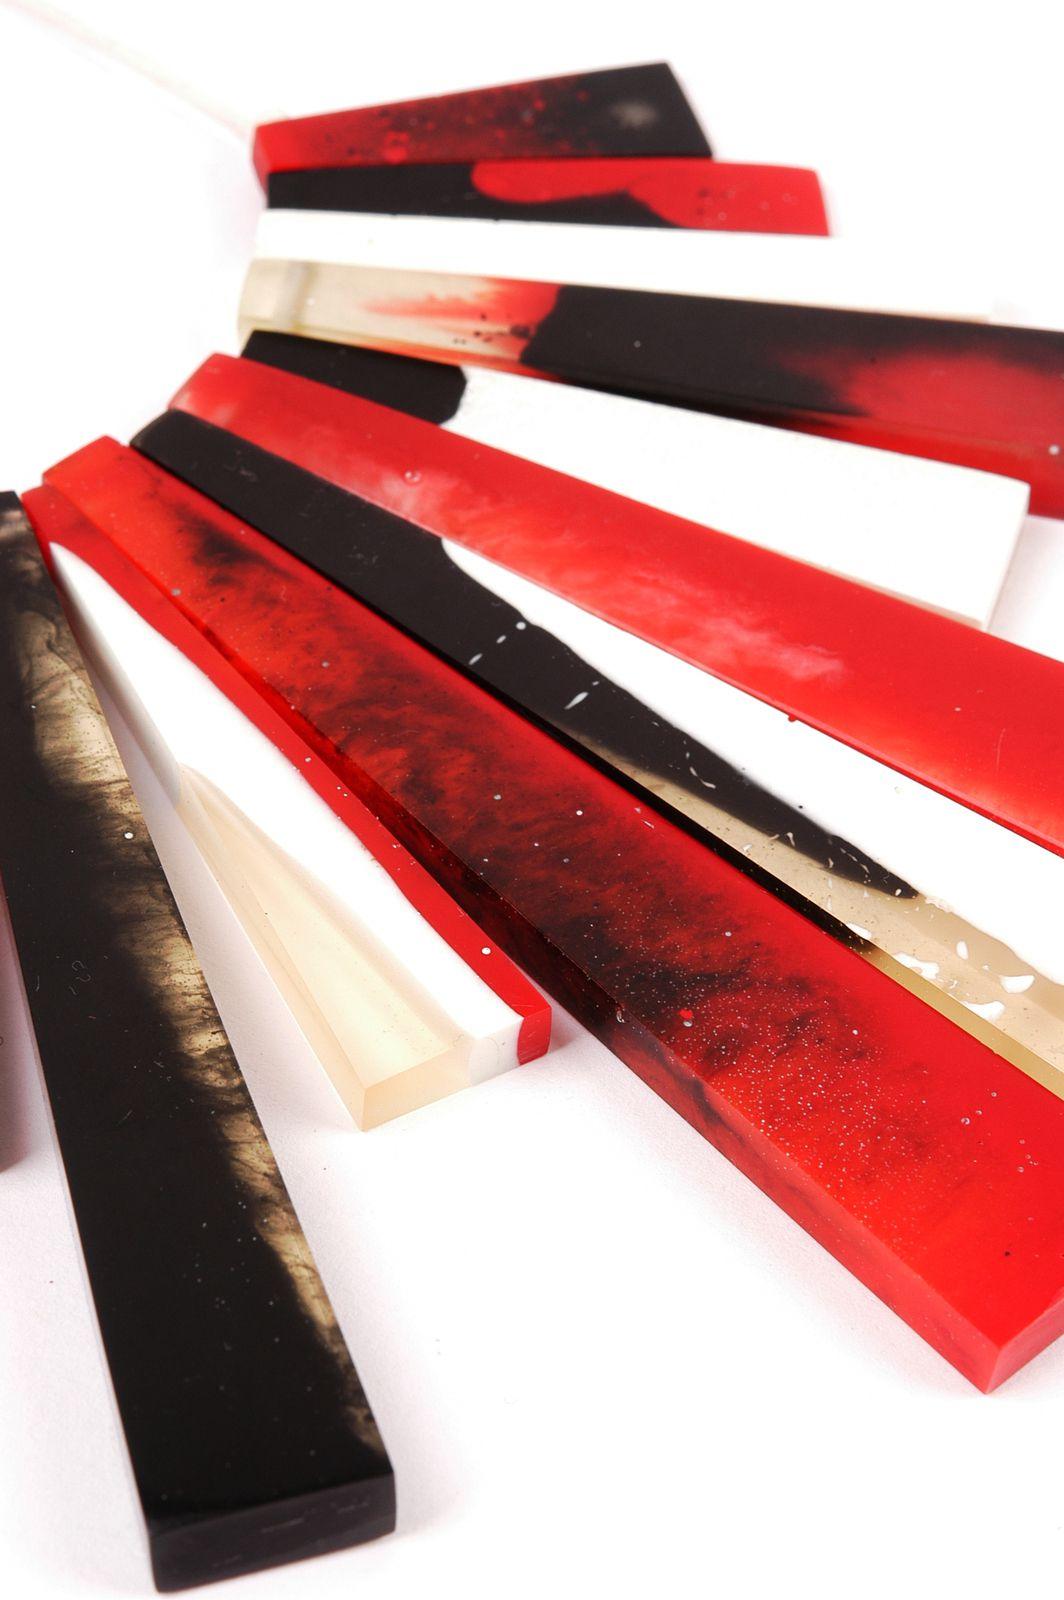 Kette mit rot-schwarz-weiß marmorierten Resin-Trapezen von Edna Mo